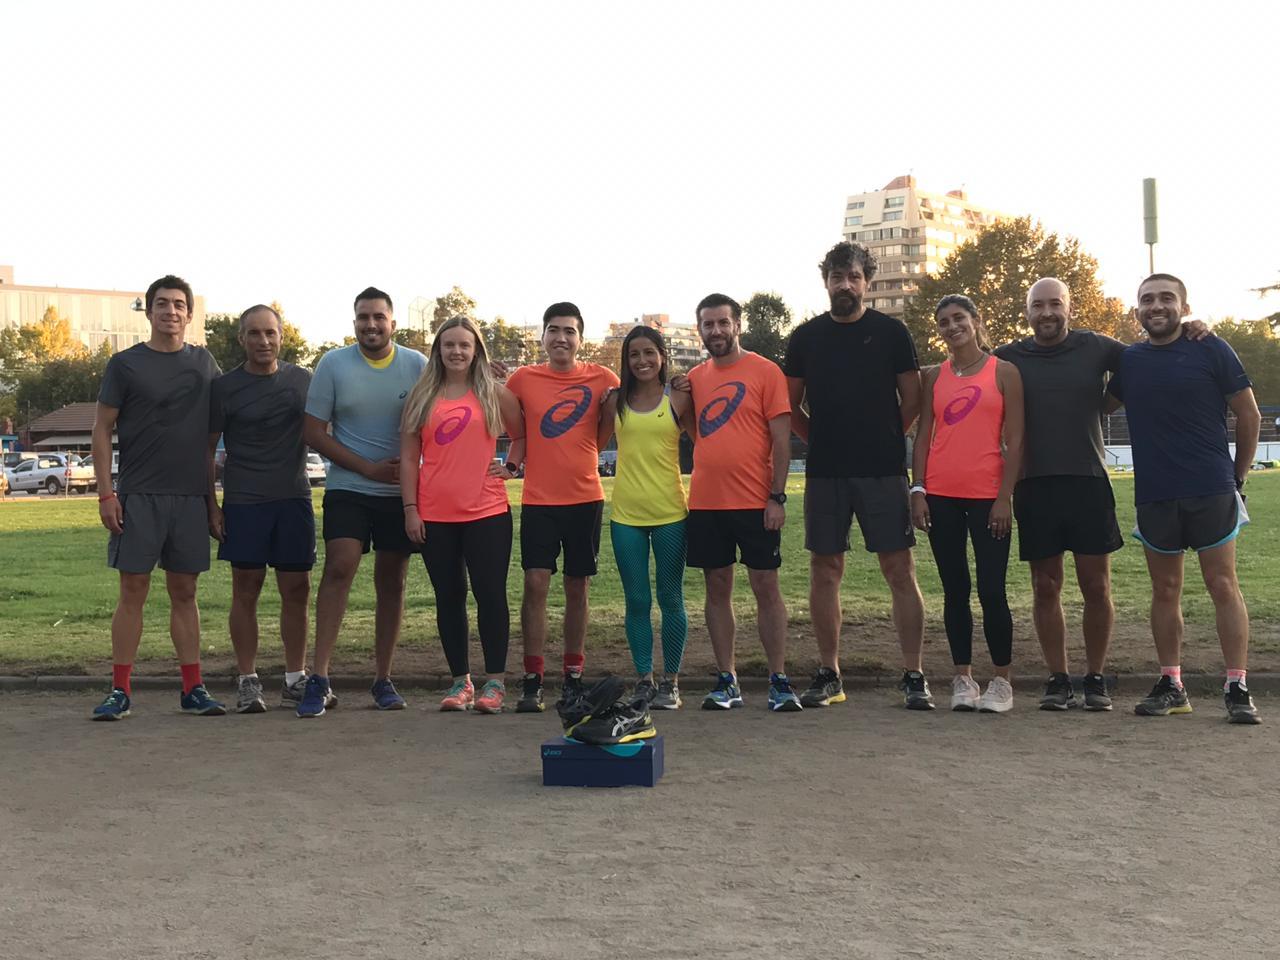 Preparamos los 10K de Maratón de Santiago junto a ASICS y las nuevas GEL-Nimbus 21